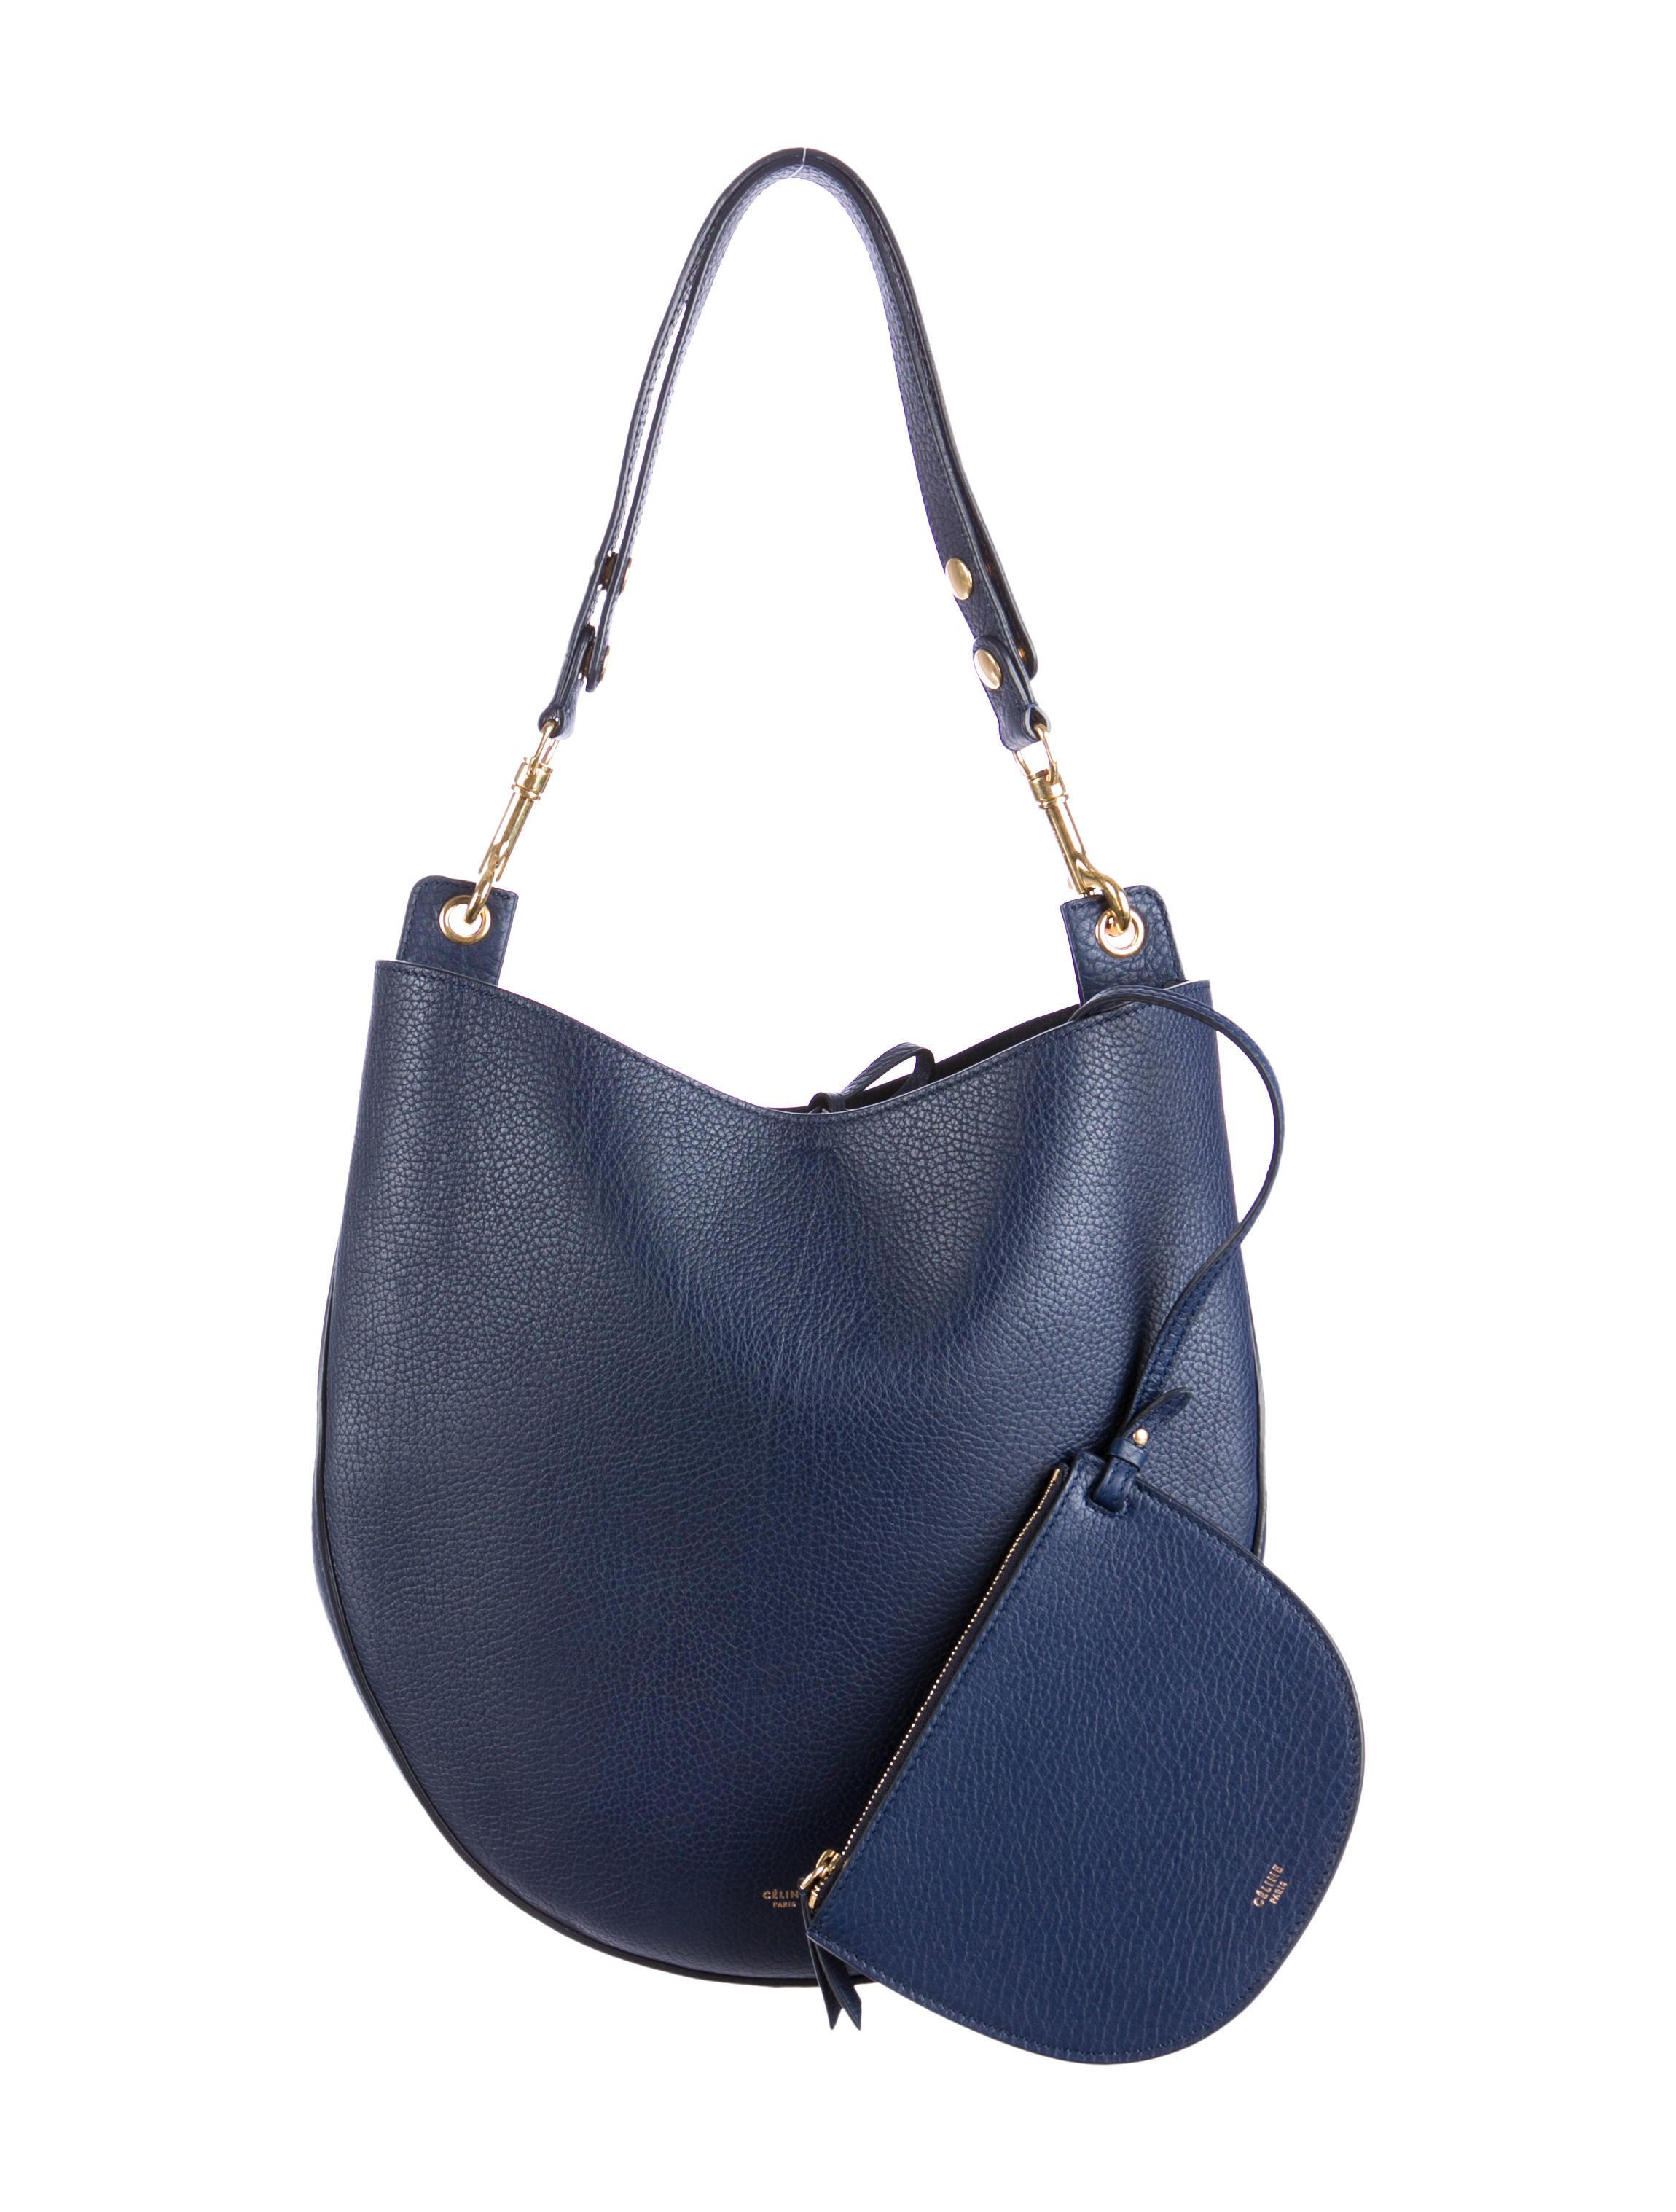 celine taschen - C¨¦line Grained Calfskin Hobo - Handbags - CEL32320  18c6e733ede56